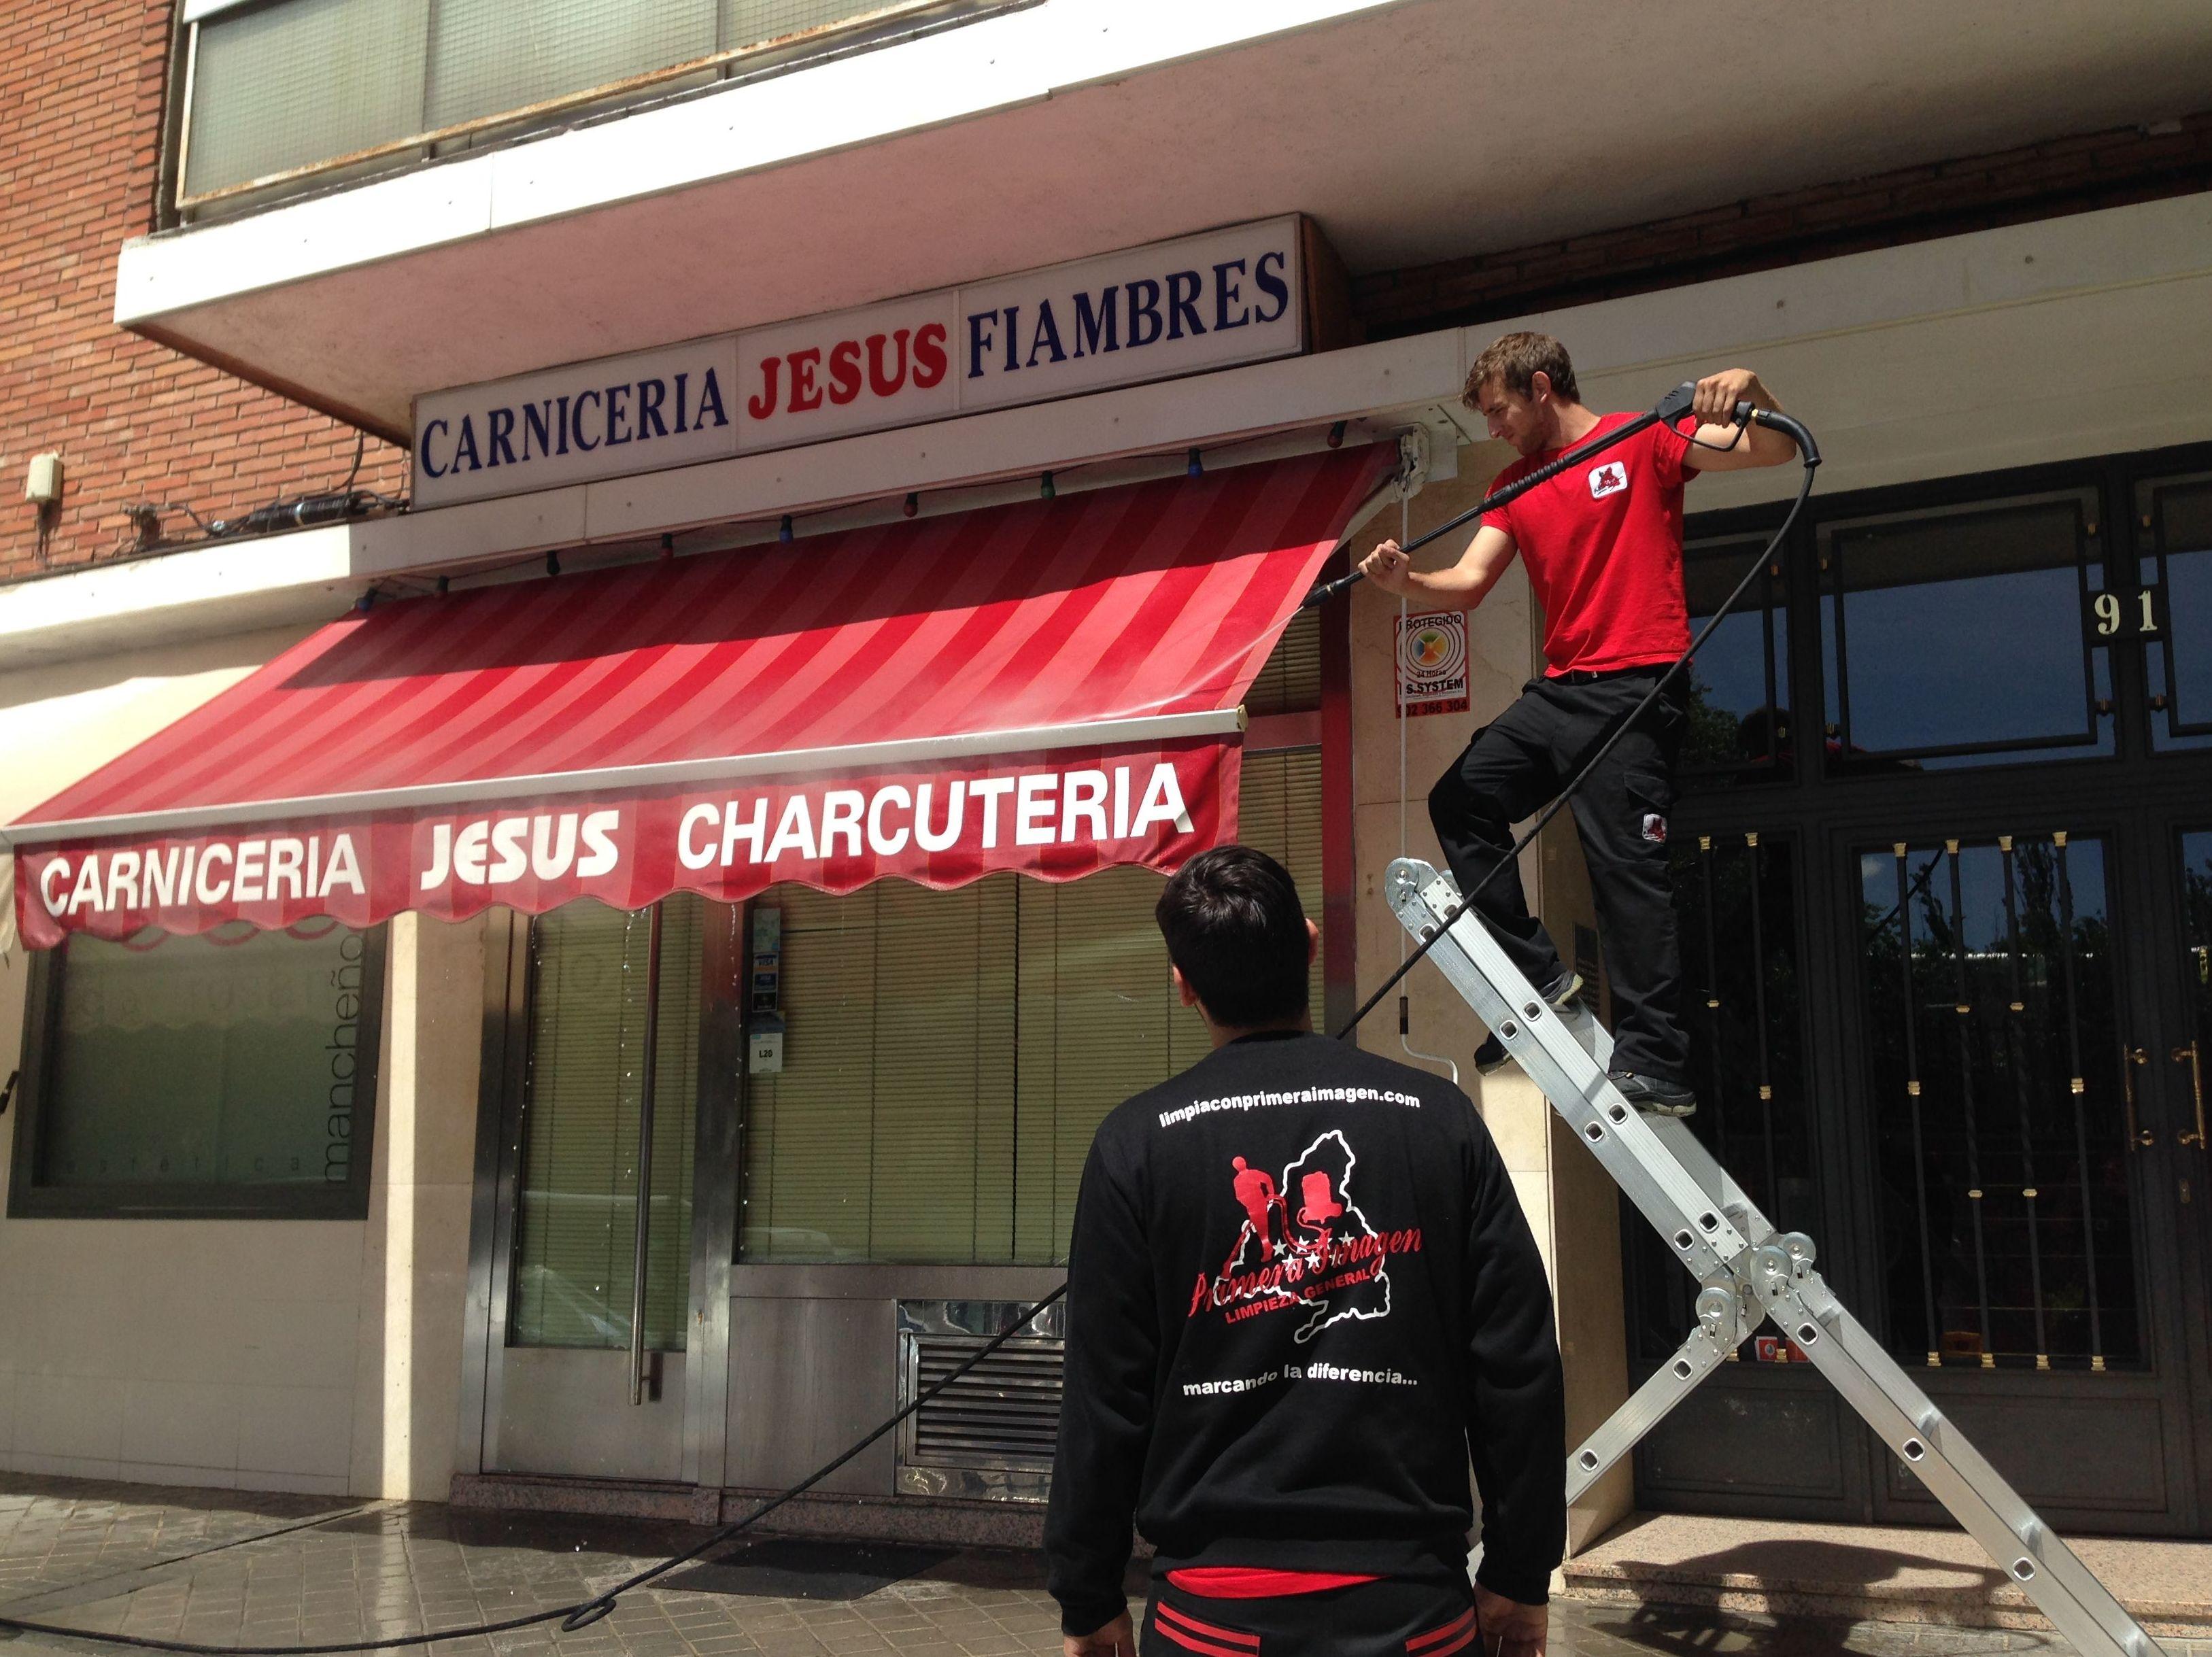 Limpieza de Toldos en Madrid: Servicios de Primera Imagen Limpiezas